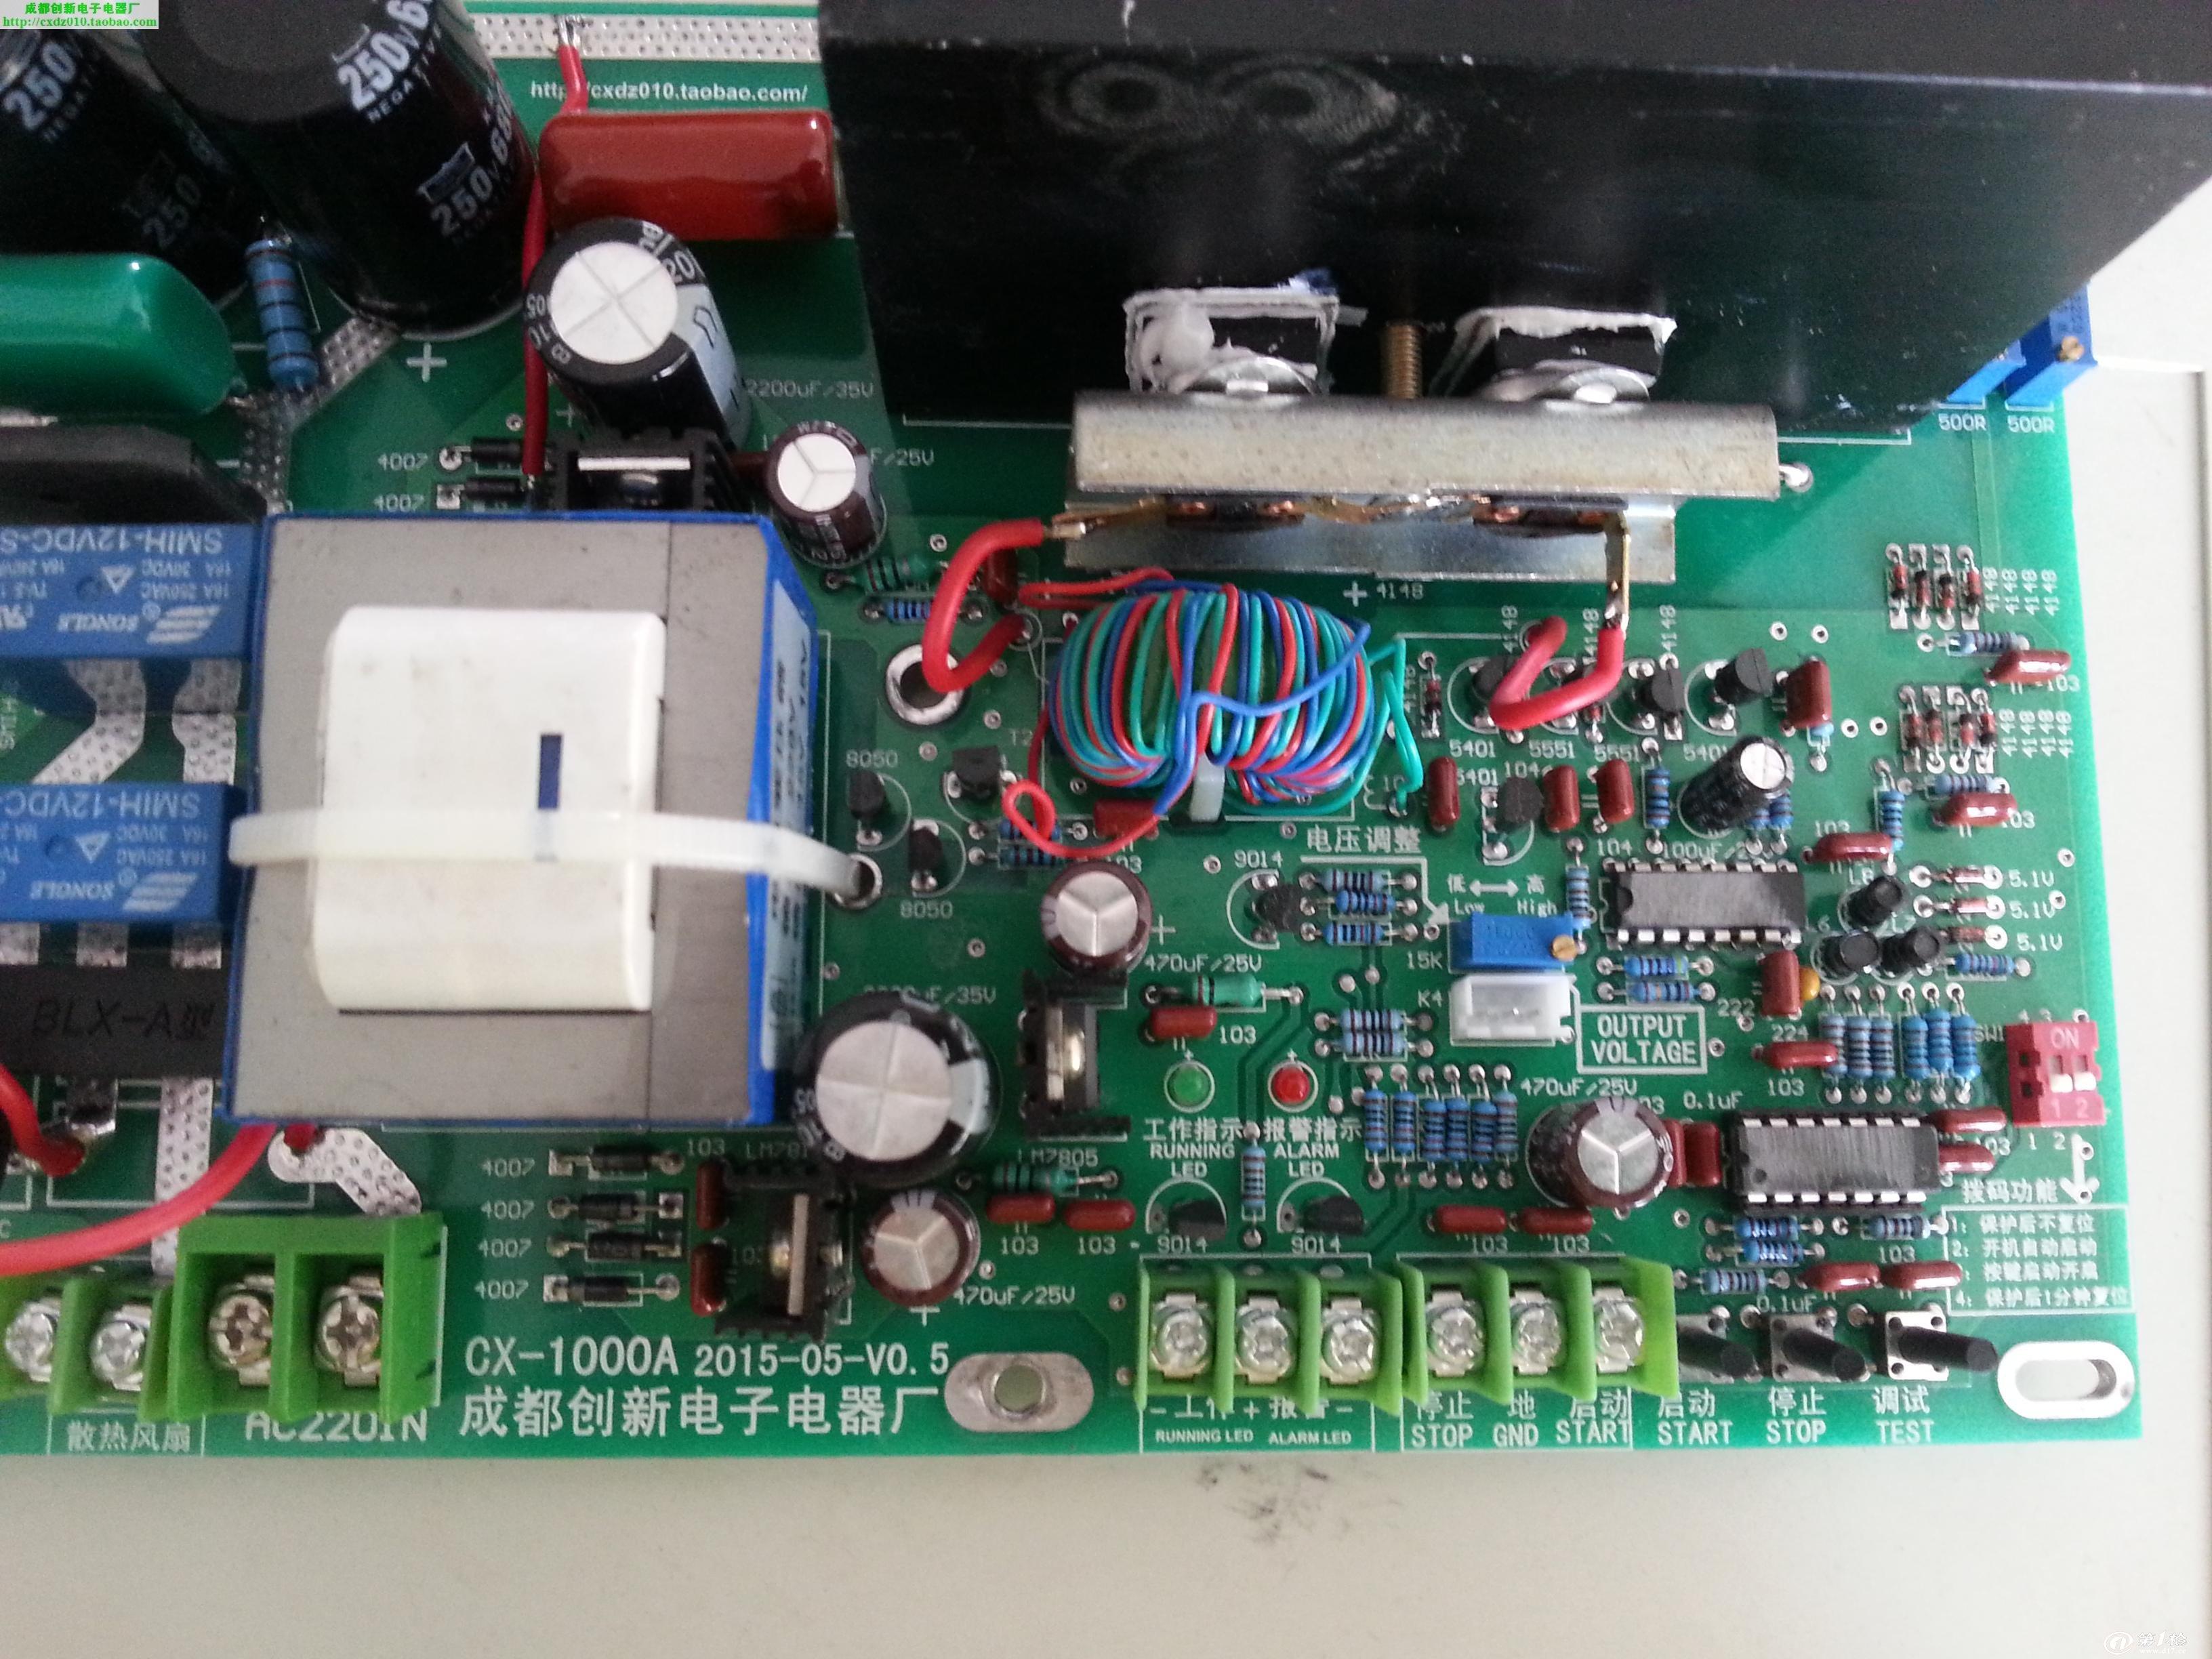 2、 功能描述 2.1、工作模式说明 该电源内部有启动停止调试三个按键可以进行三种工作模式的切换: 工作模式:当按下启动按键后,电源进入工作模式,在工作模式下,高压电源工作指示灯以1S的间隔周期性闪烁。此时表明高压电源开始工作。在启动等待0.5s后散热风扇开始工作,同时高压开始输出。当电源出现打火、过压、过流以及温度过高的情况时,电源内部的保护电路都将工作,并及时进行报警和切断高压输出。 停止模式:当按下停止按键后,电源进入停止模式,在停止模式下,高压电源切断高压输出,工作指示灯和报警指